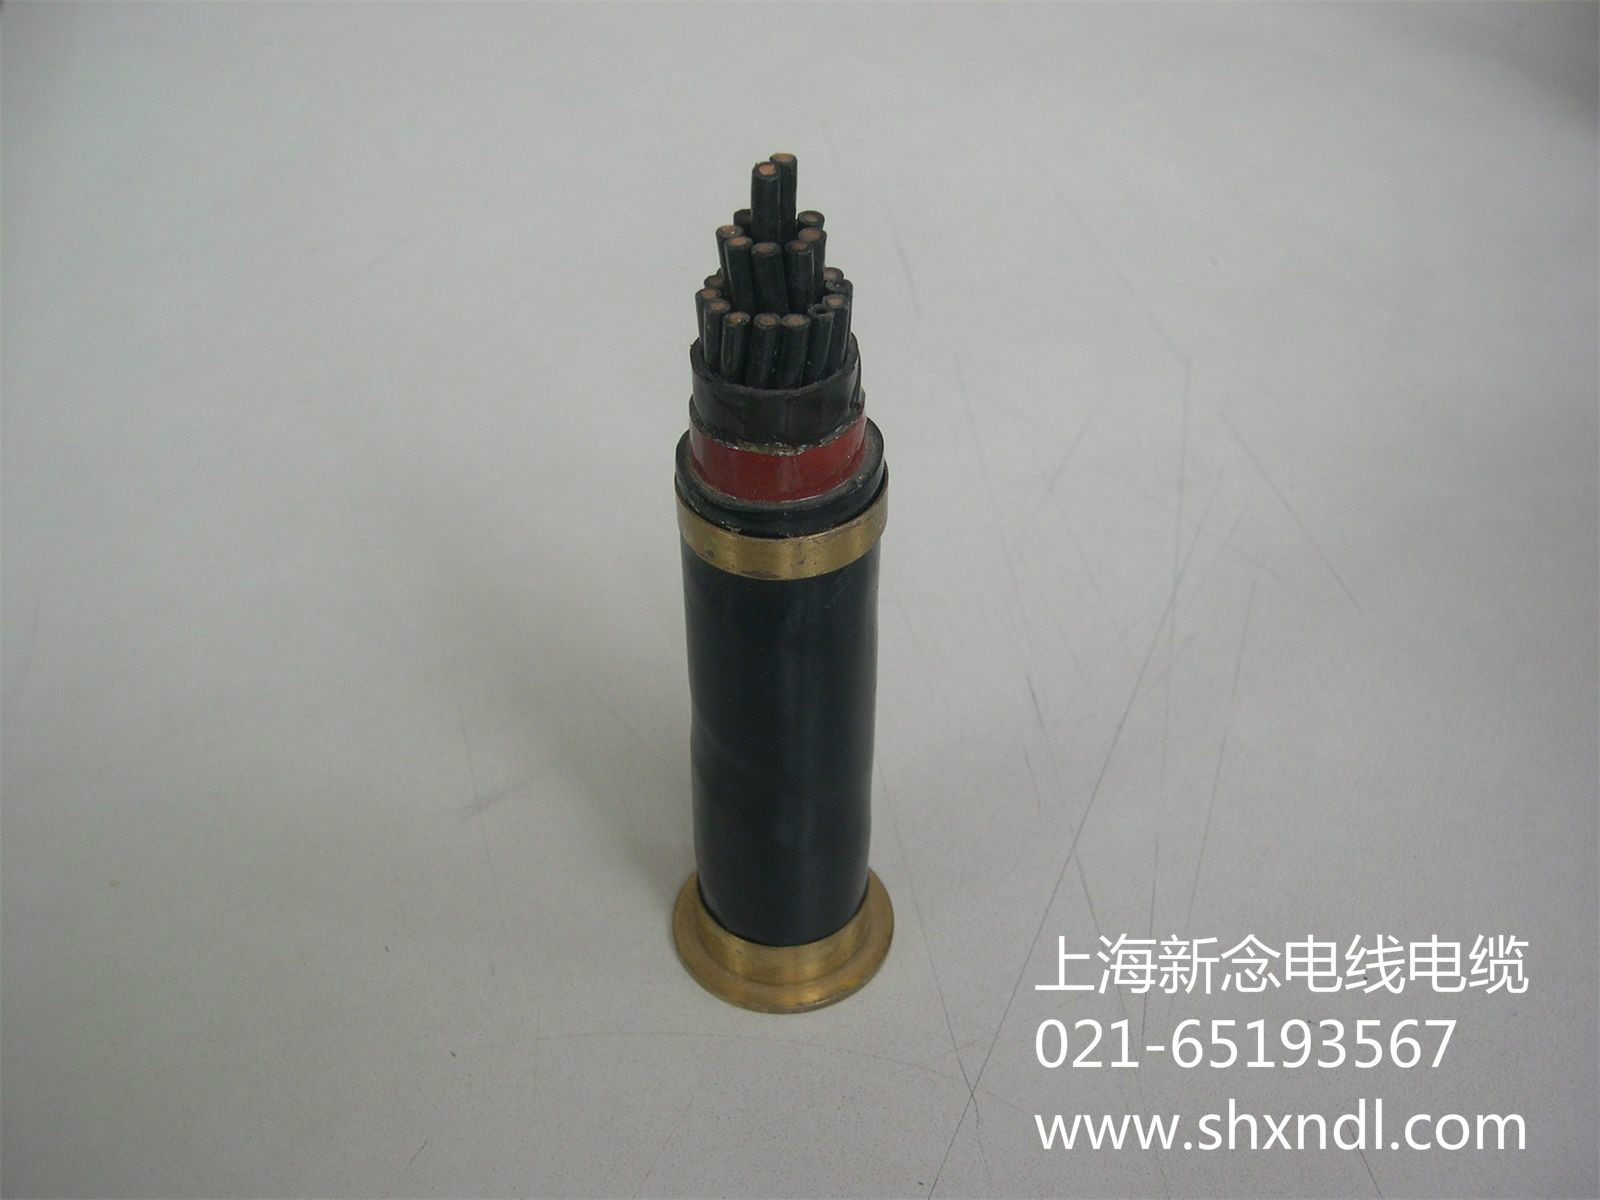 上海新念教你辨别矿用控制电缆种类和用途